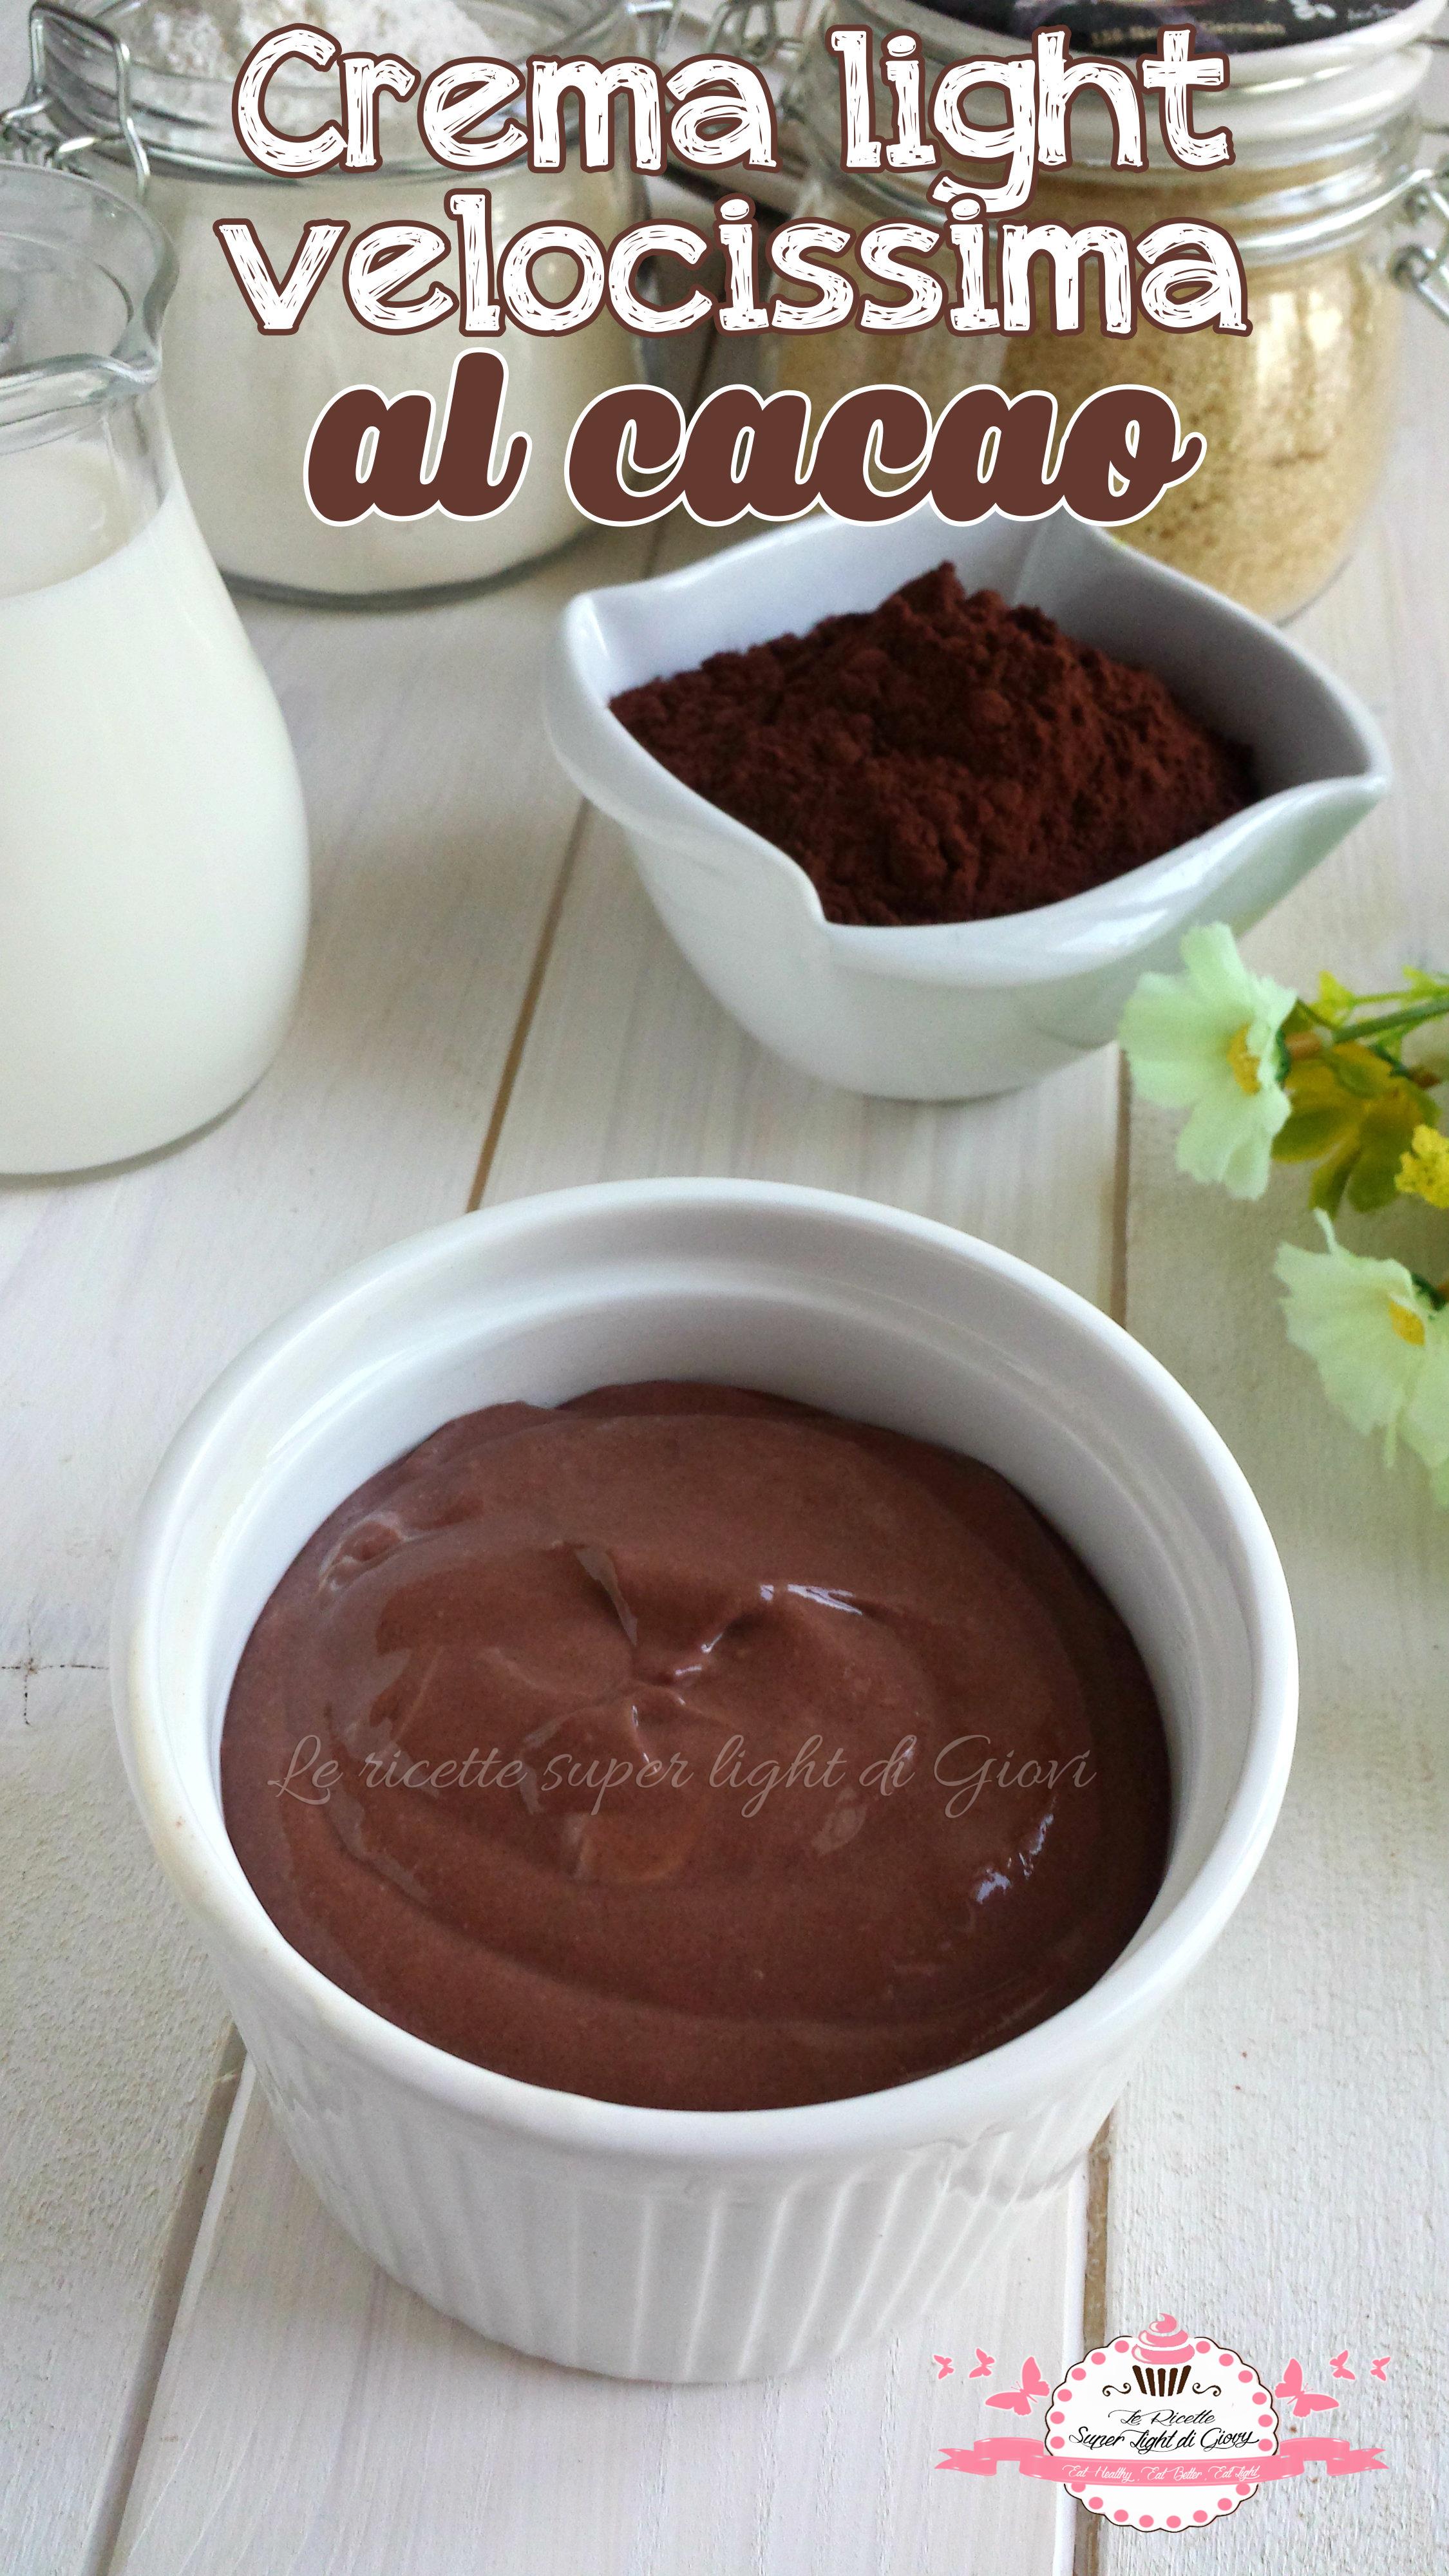 Crema light velocissima al cacao